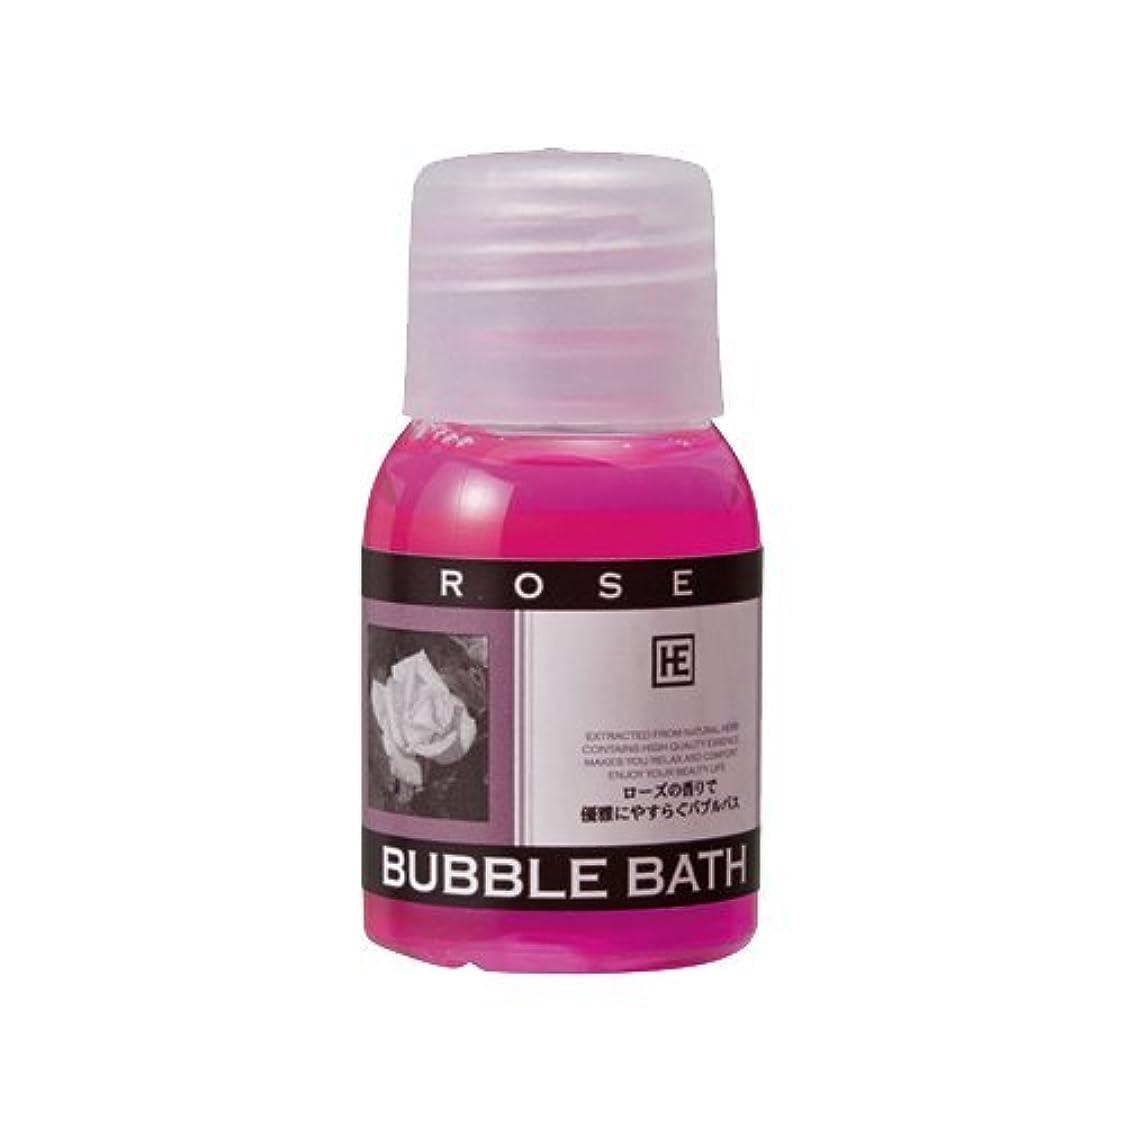 さわやか一目オートハーバルエクストラ バブルバス ミニボトル ローズの香り × 5個セット - ホテルアメニティ 業務用 発泡入浴剤 (BUBBLE BATH)